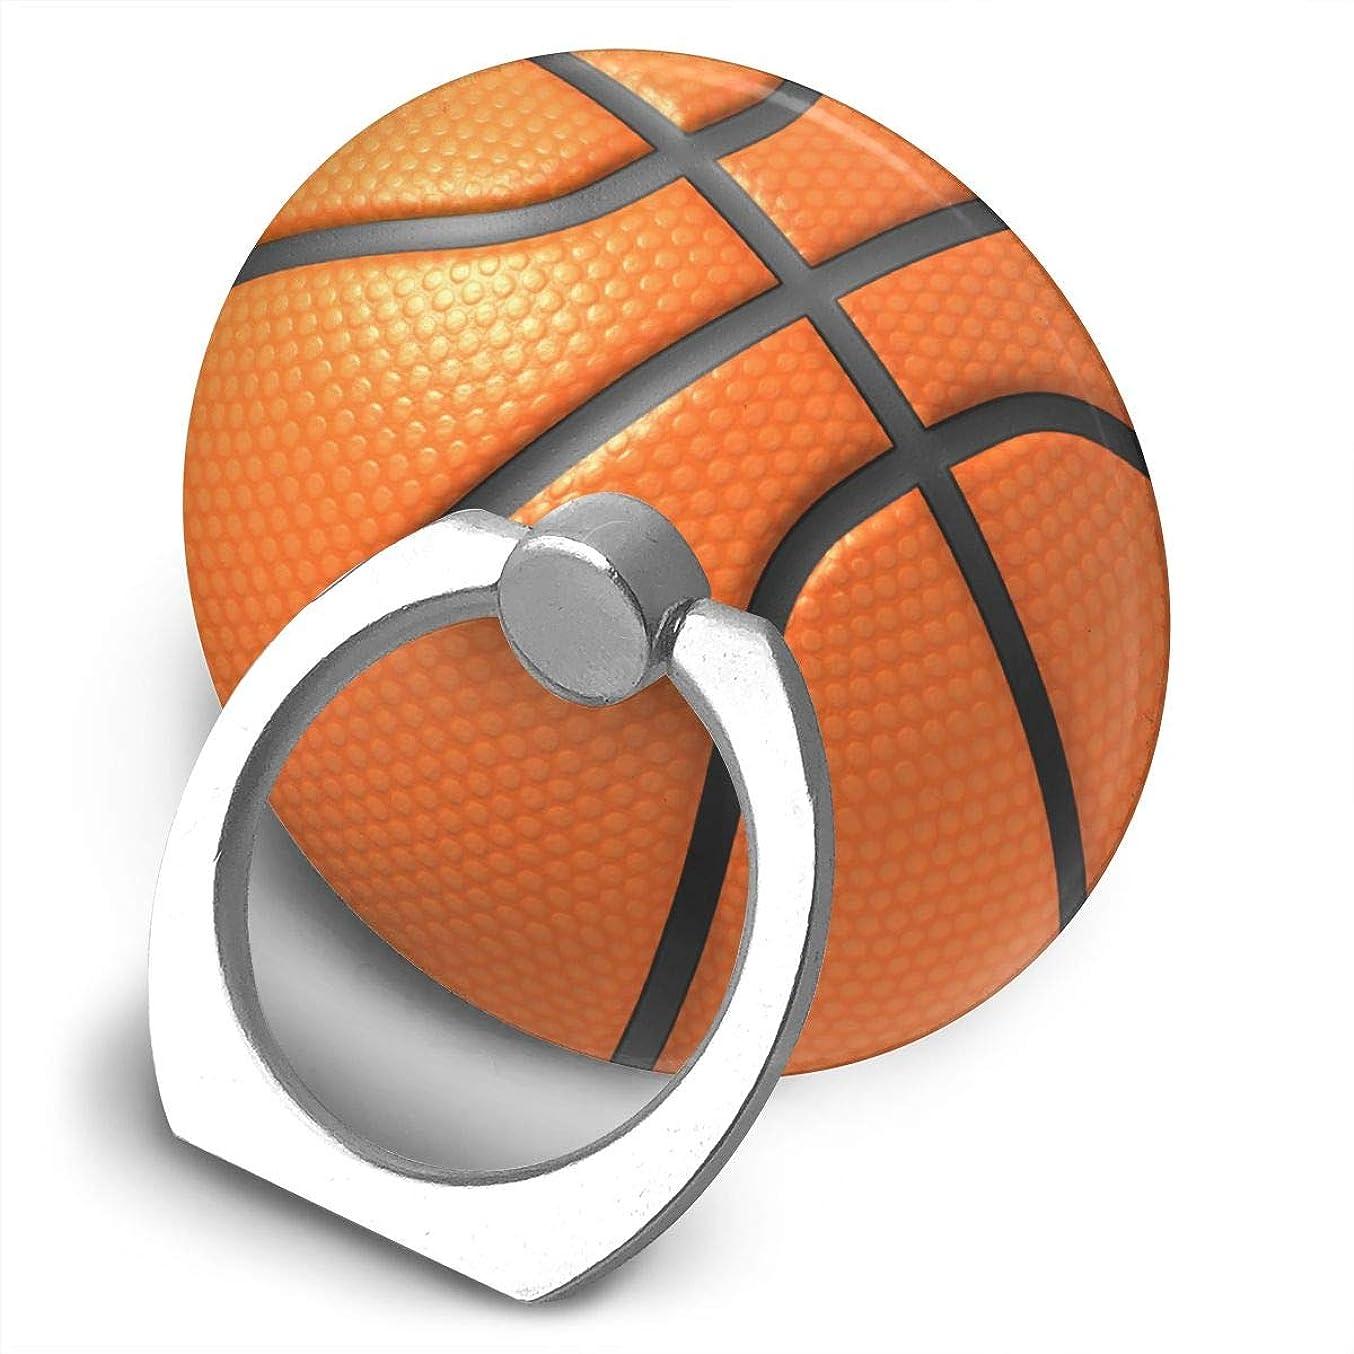 ハリウッド神目を覚ますバスケットボール 360度回転 携帯リング スタンド スマホスタンド ホルダー 薄型 指輪 リング 携帯アクセサリースタンド機能 落下防止